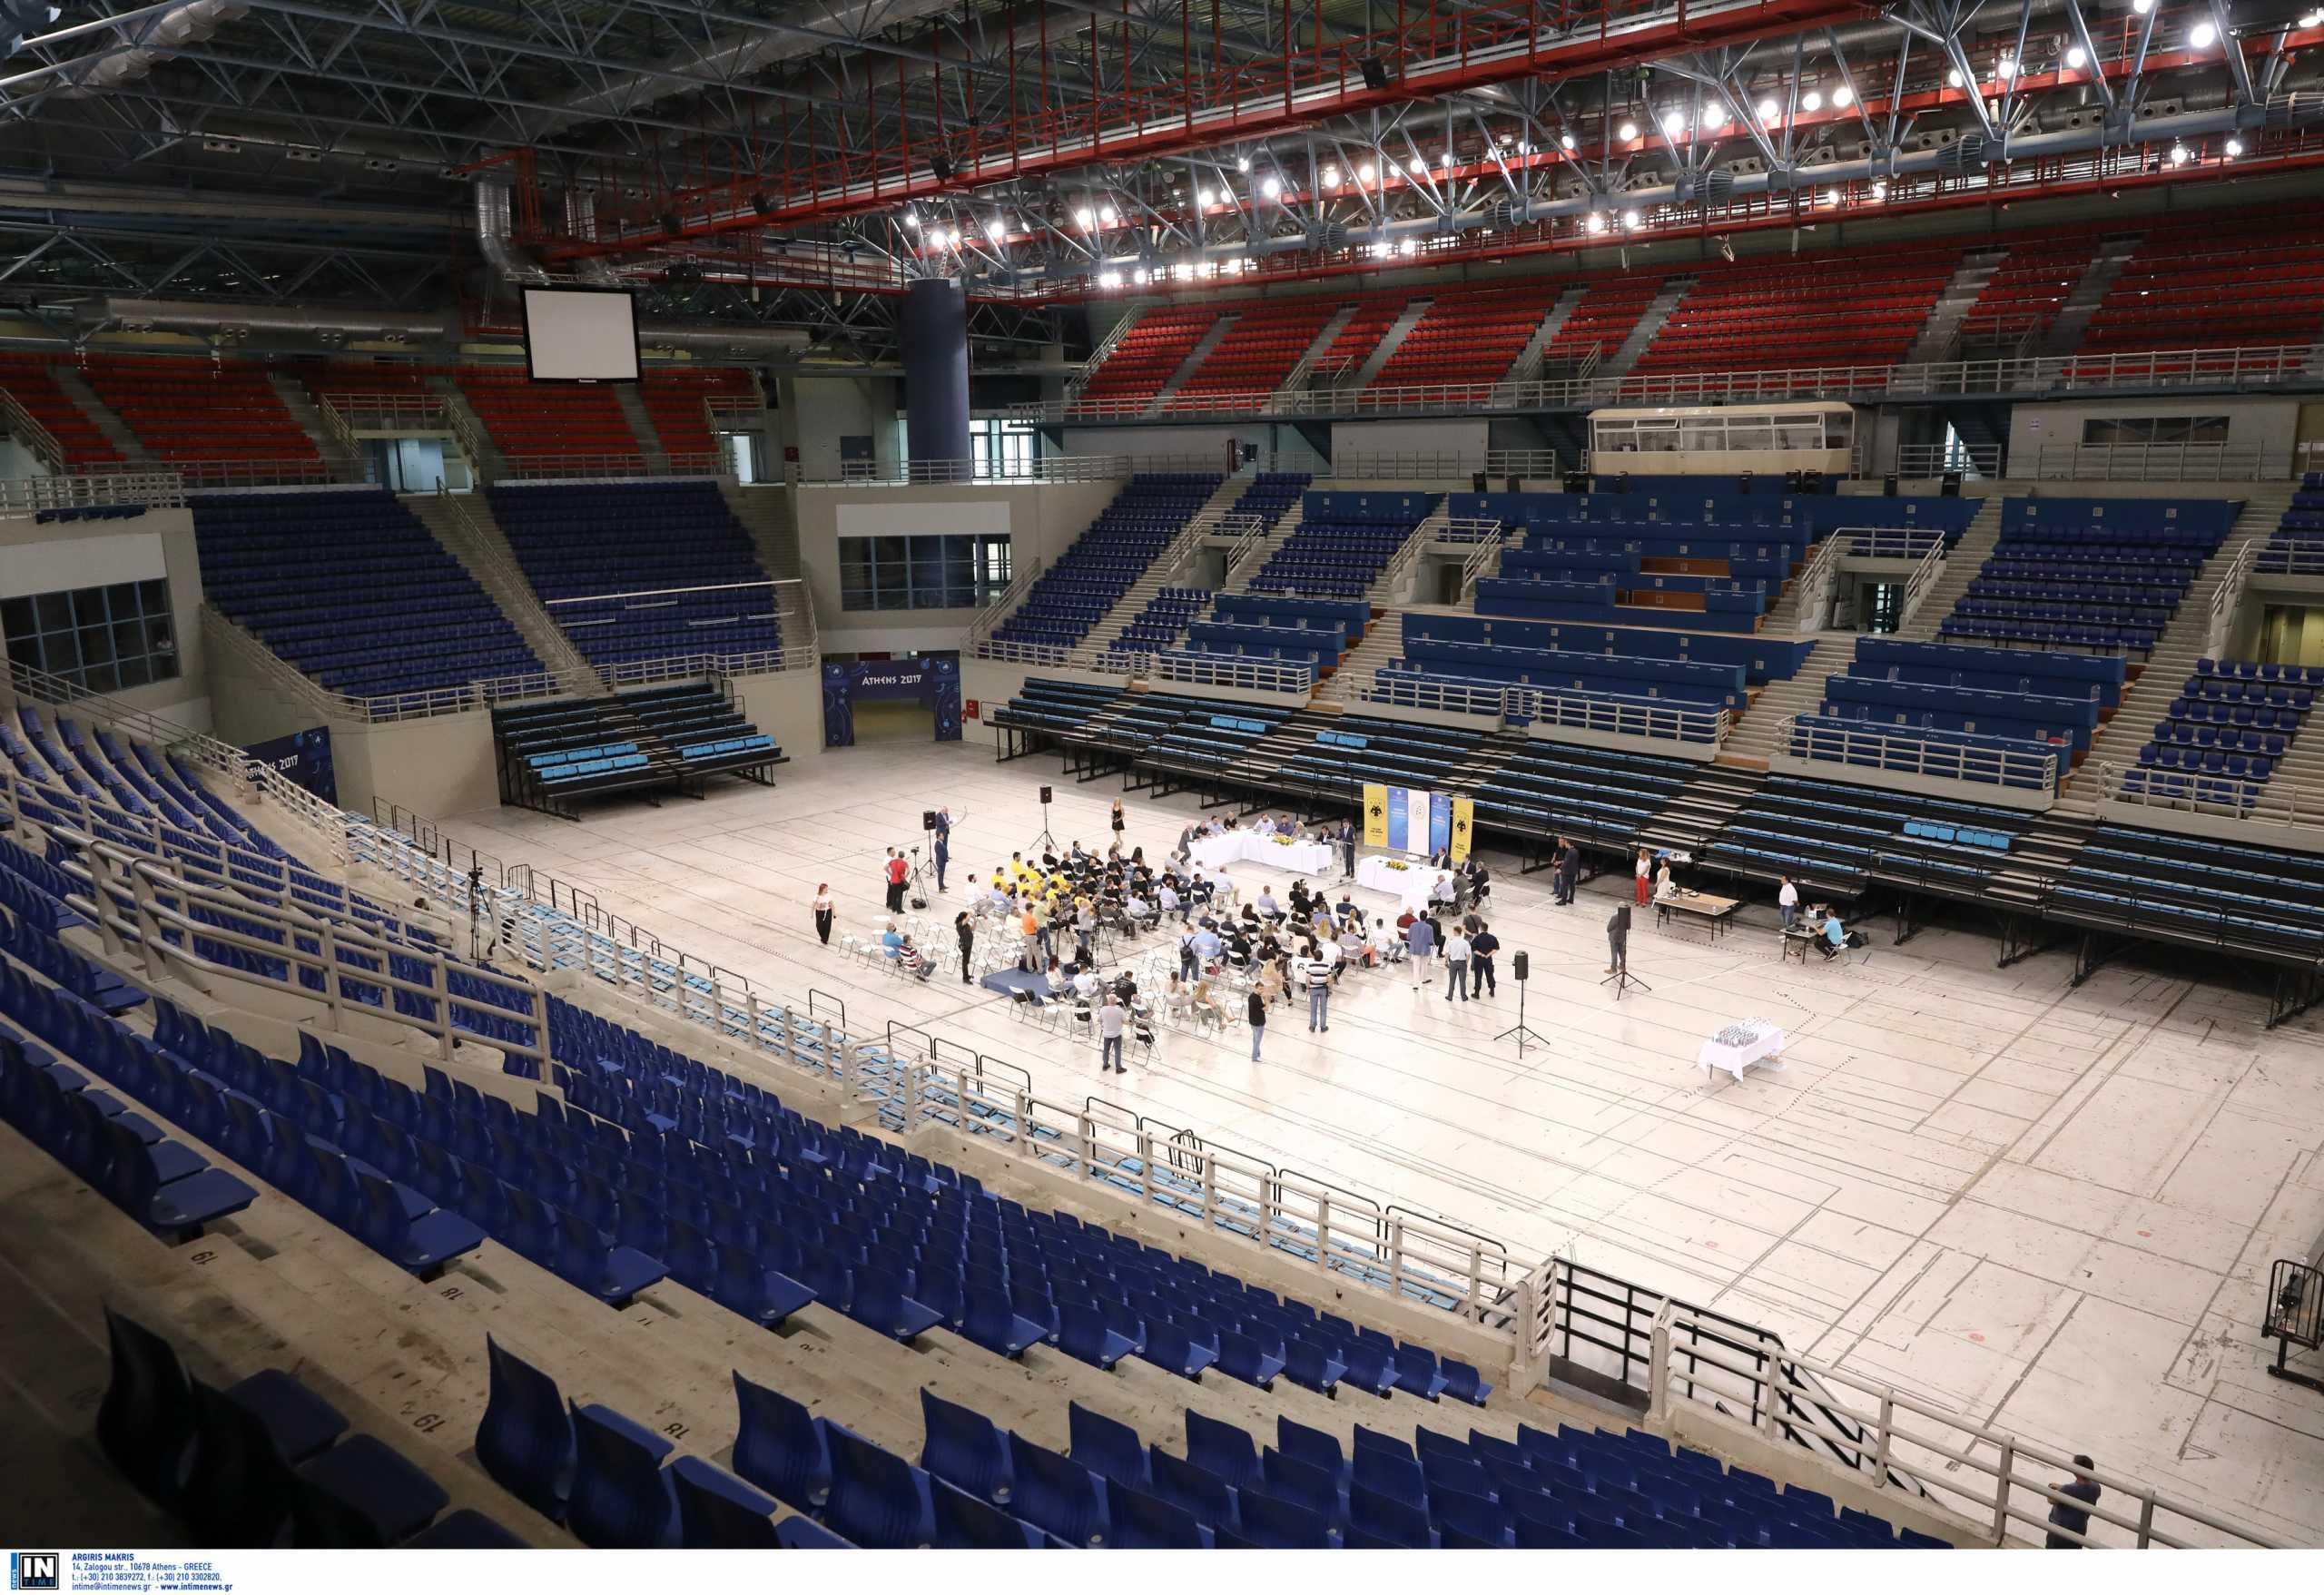 Η ΑΕΚ ετοιμάζει τα Λιόσια: Εικόνες μέσα από το νέο γήπεδο